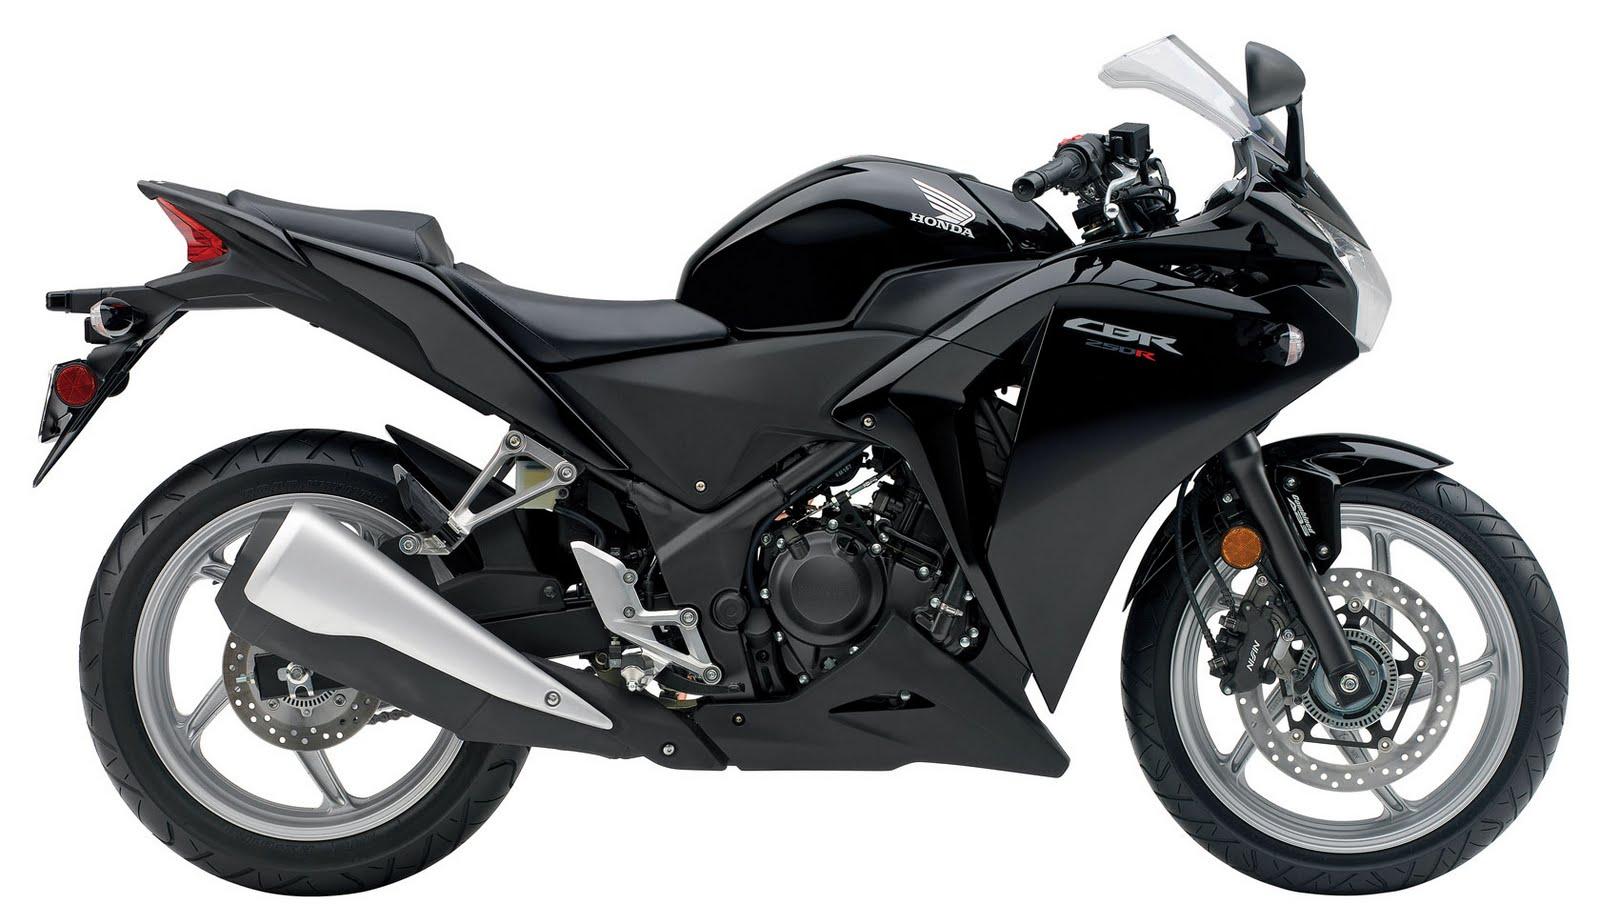 http://1.bp.blogspot.com/-WwziOhzDHTA/TeUxMJzNp-I/AAAAAAAAAjk/2f4TyJL8mdU/s1600/2011-Honda-CBR250R-ABS-Side-View.jpg